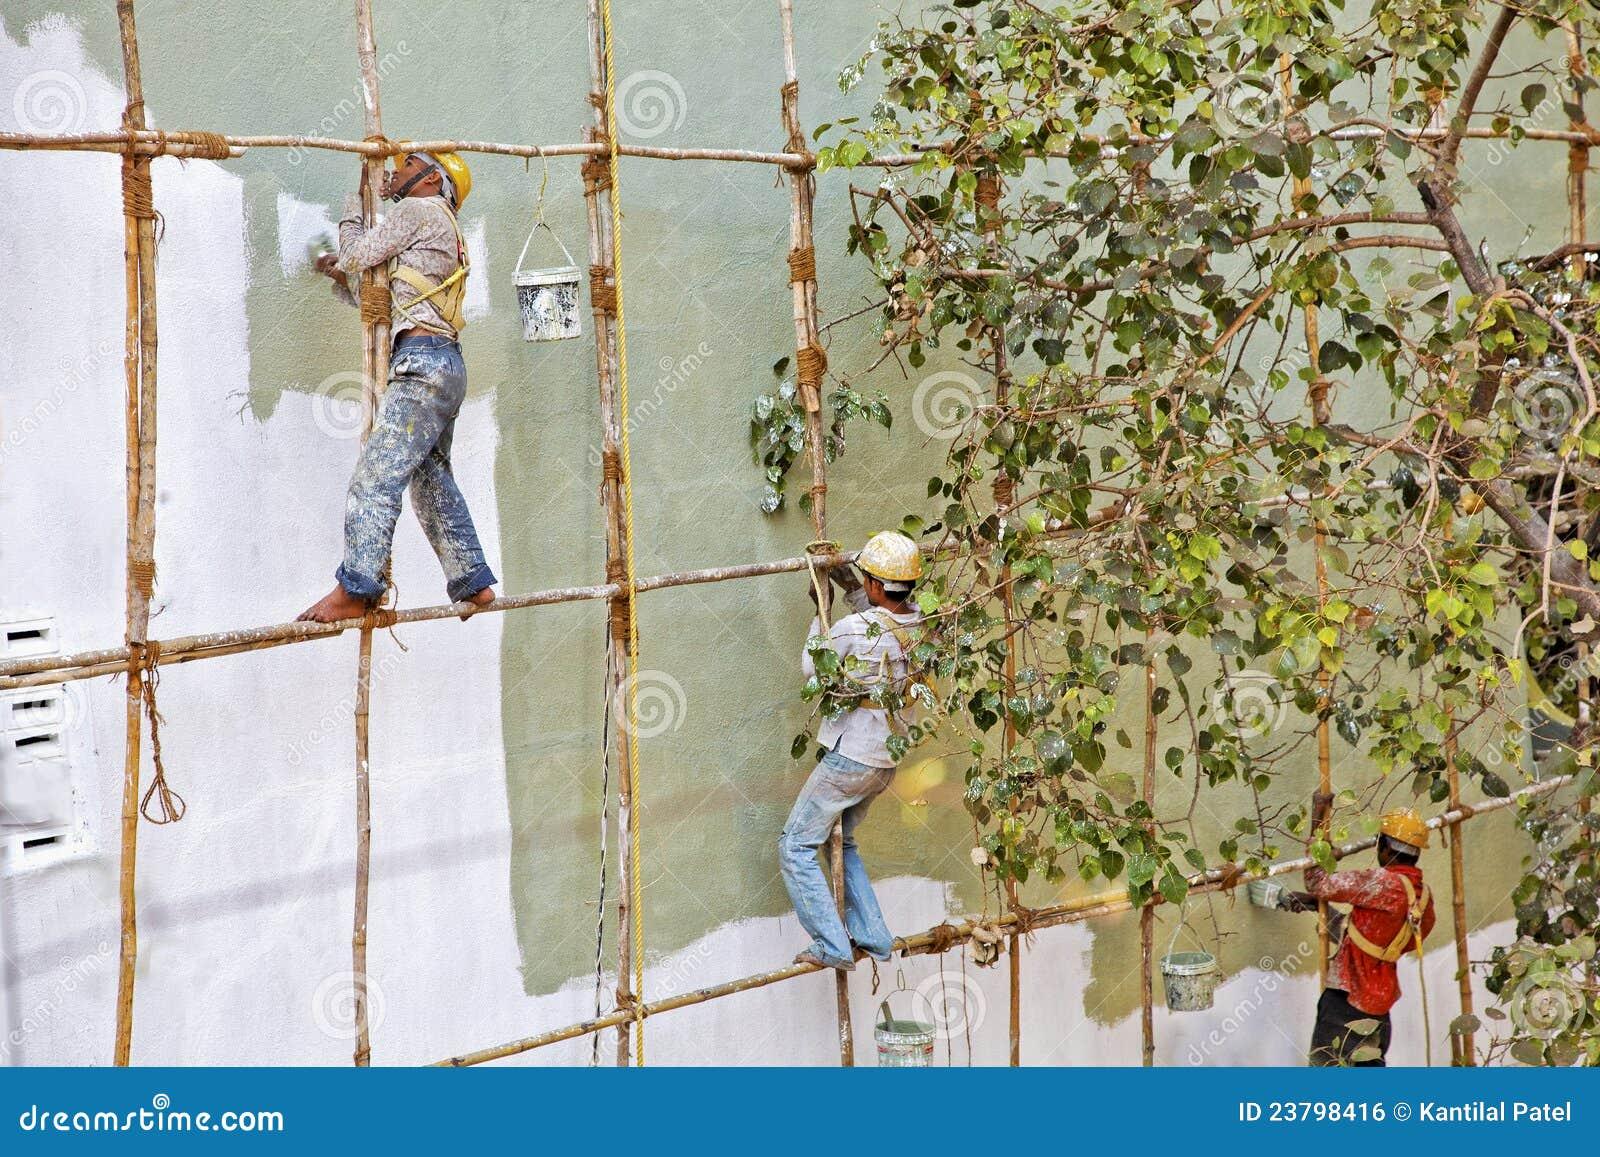 Échafaudage En Bois Inde De Décorateurs De Pied Nu Photoéditorial Image 23798416 # Échafaudage En Bois